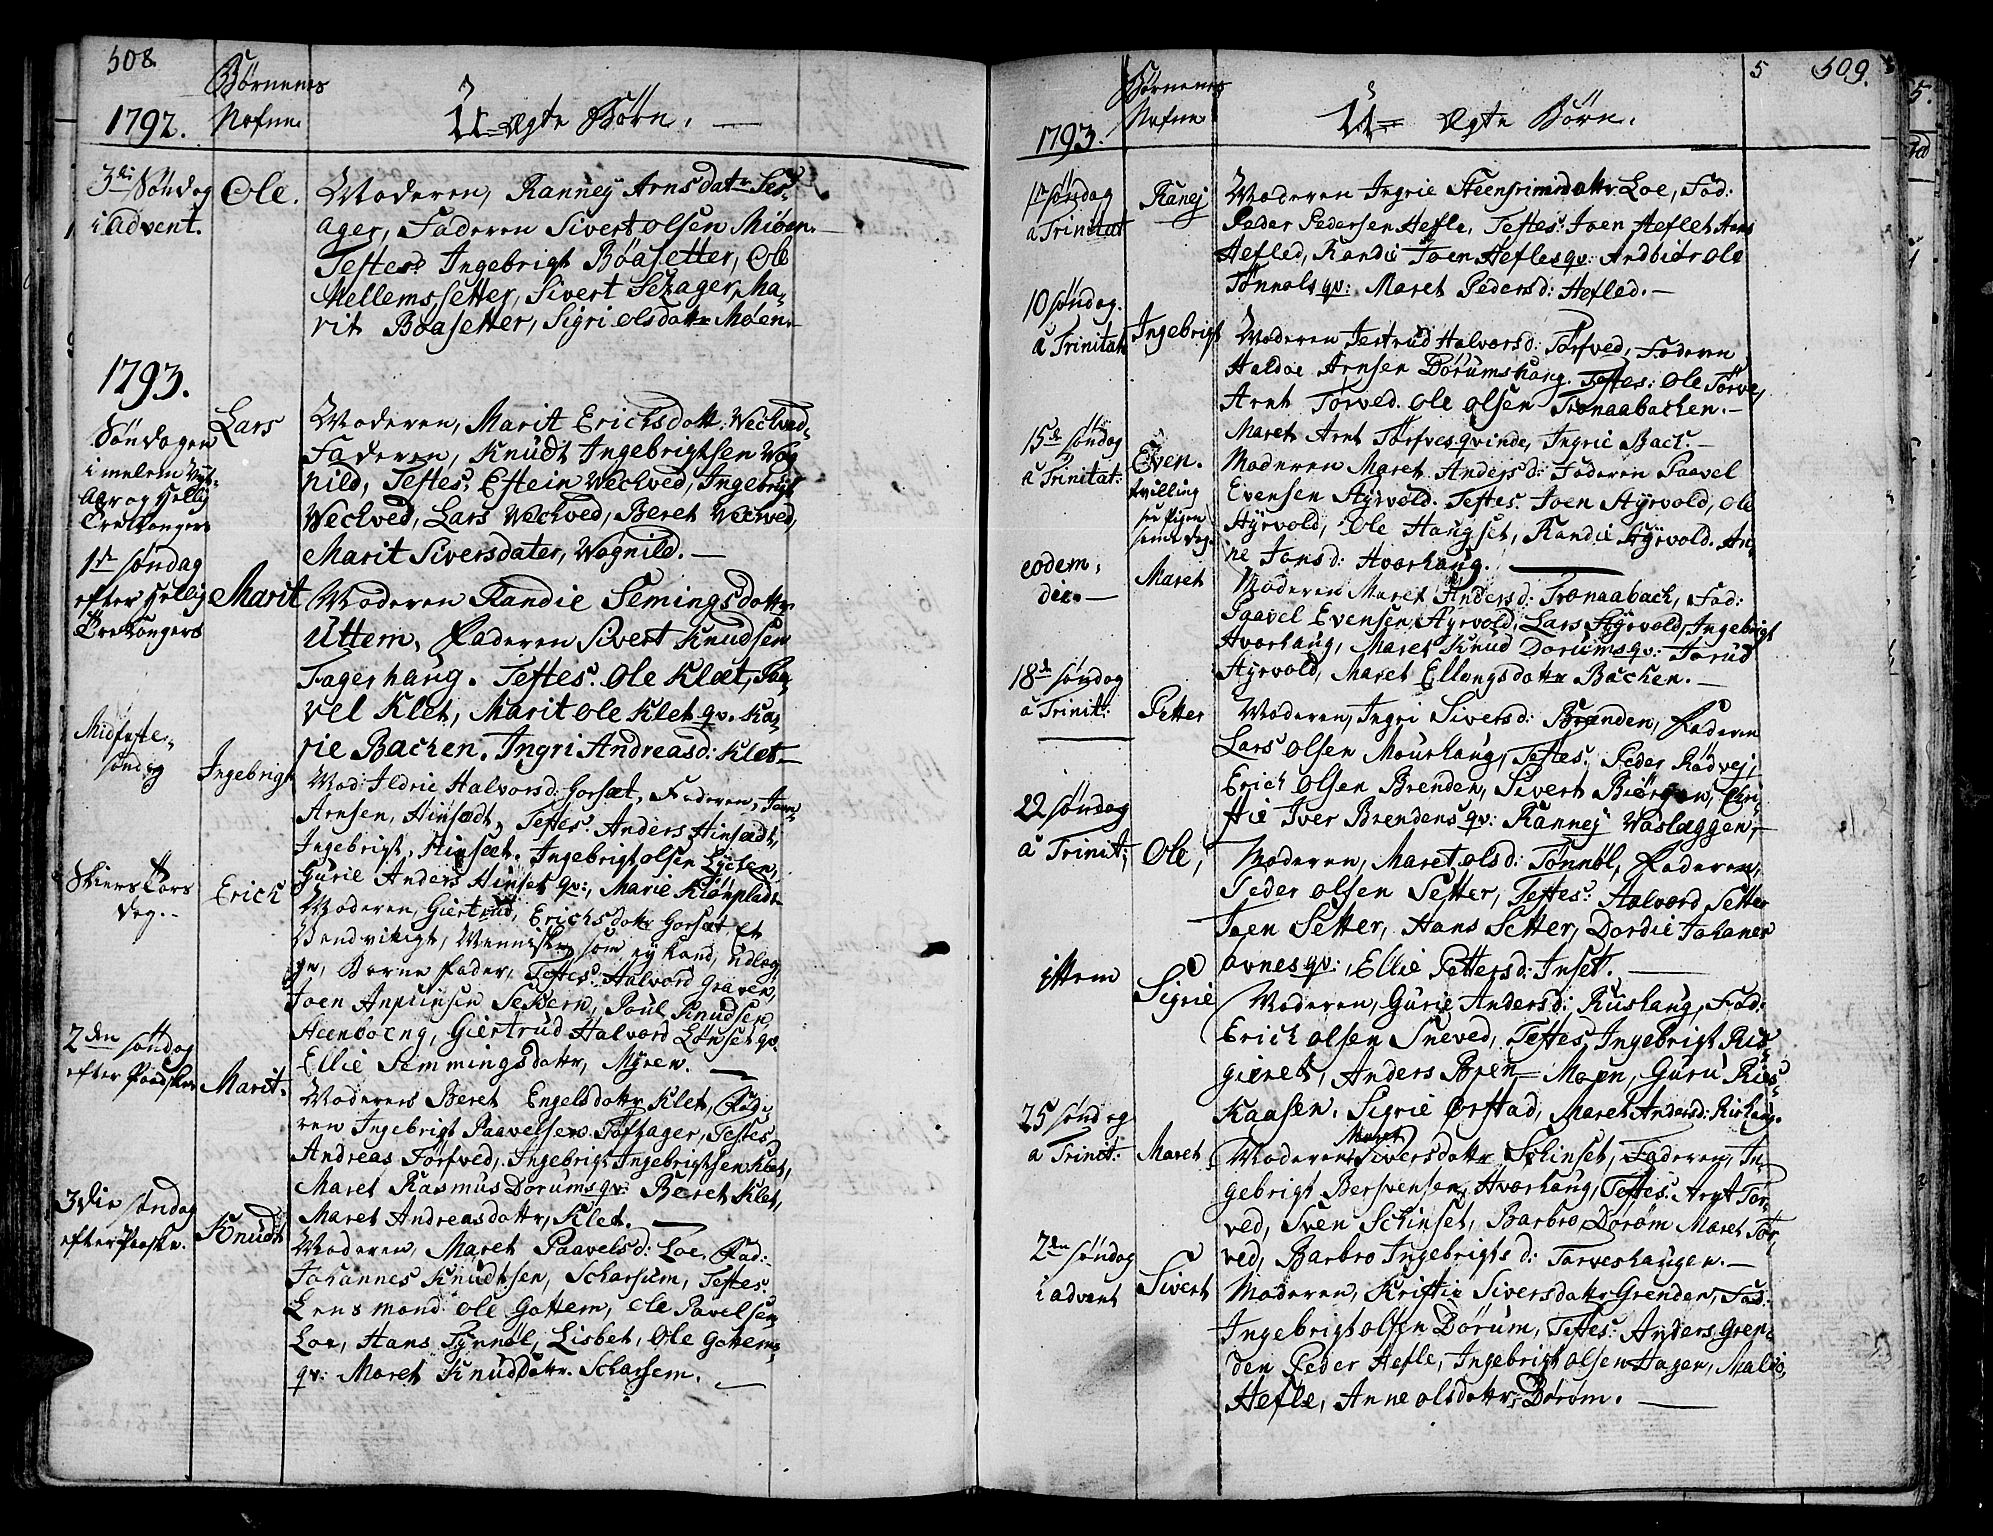 SAT, Ministerialprotokoller, klokkerbøker og fødselsregistre - Sør-Trøndelag, 678/L0893: Ministerialbok nr. 678A03, 1792-1805, s. 508-509